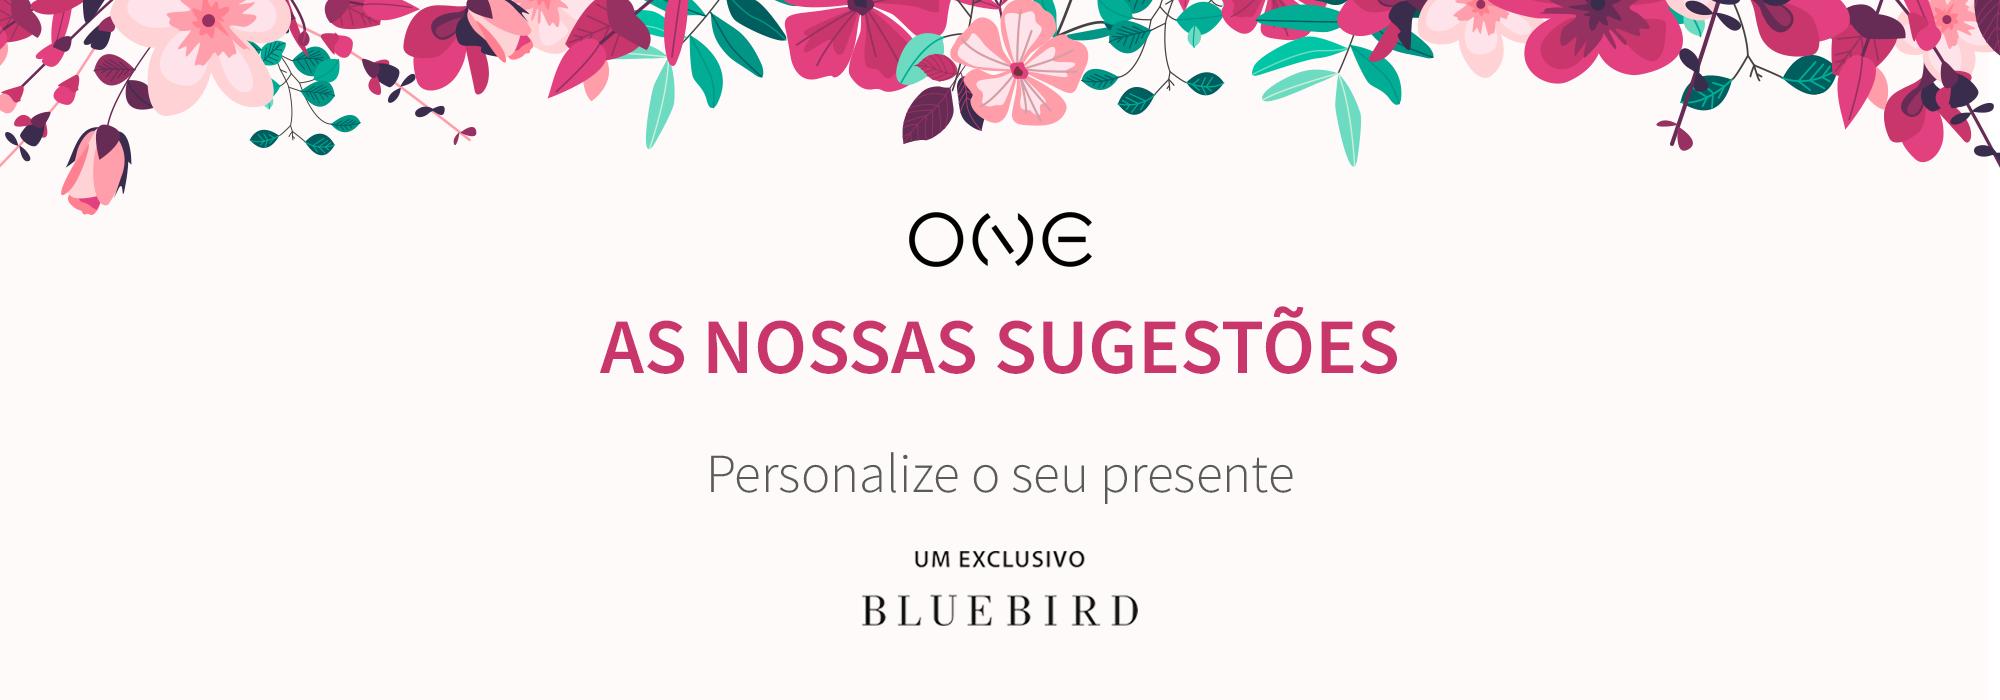 Relógios ONE Dia da Mãe 2018 - Sugestões   Bluebird 9d8f44cbef